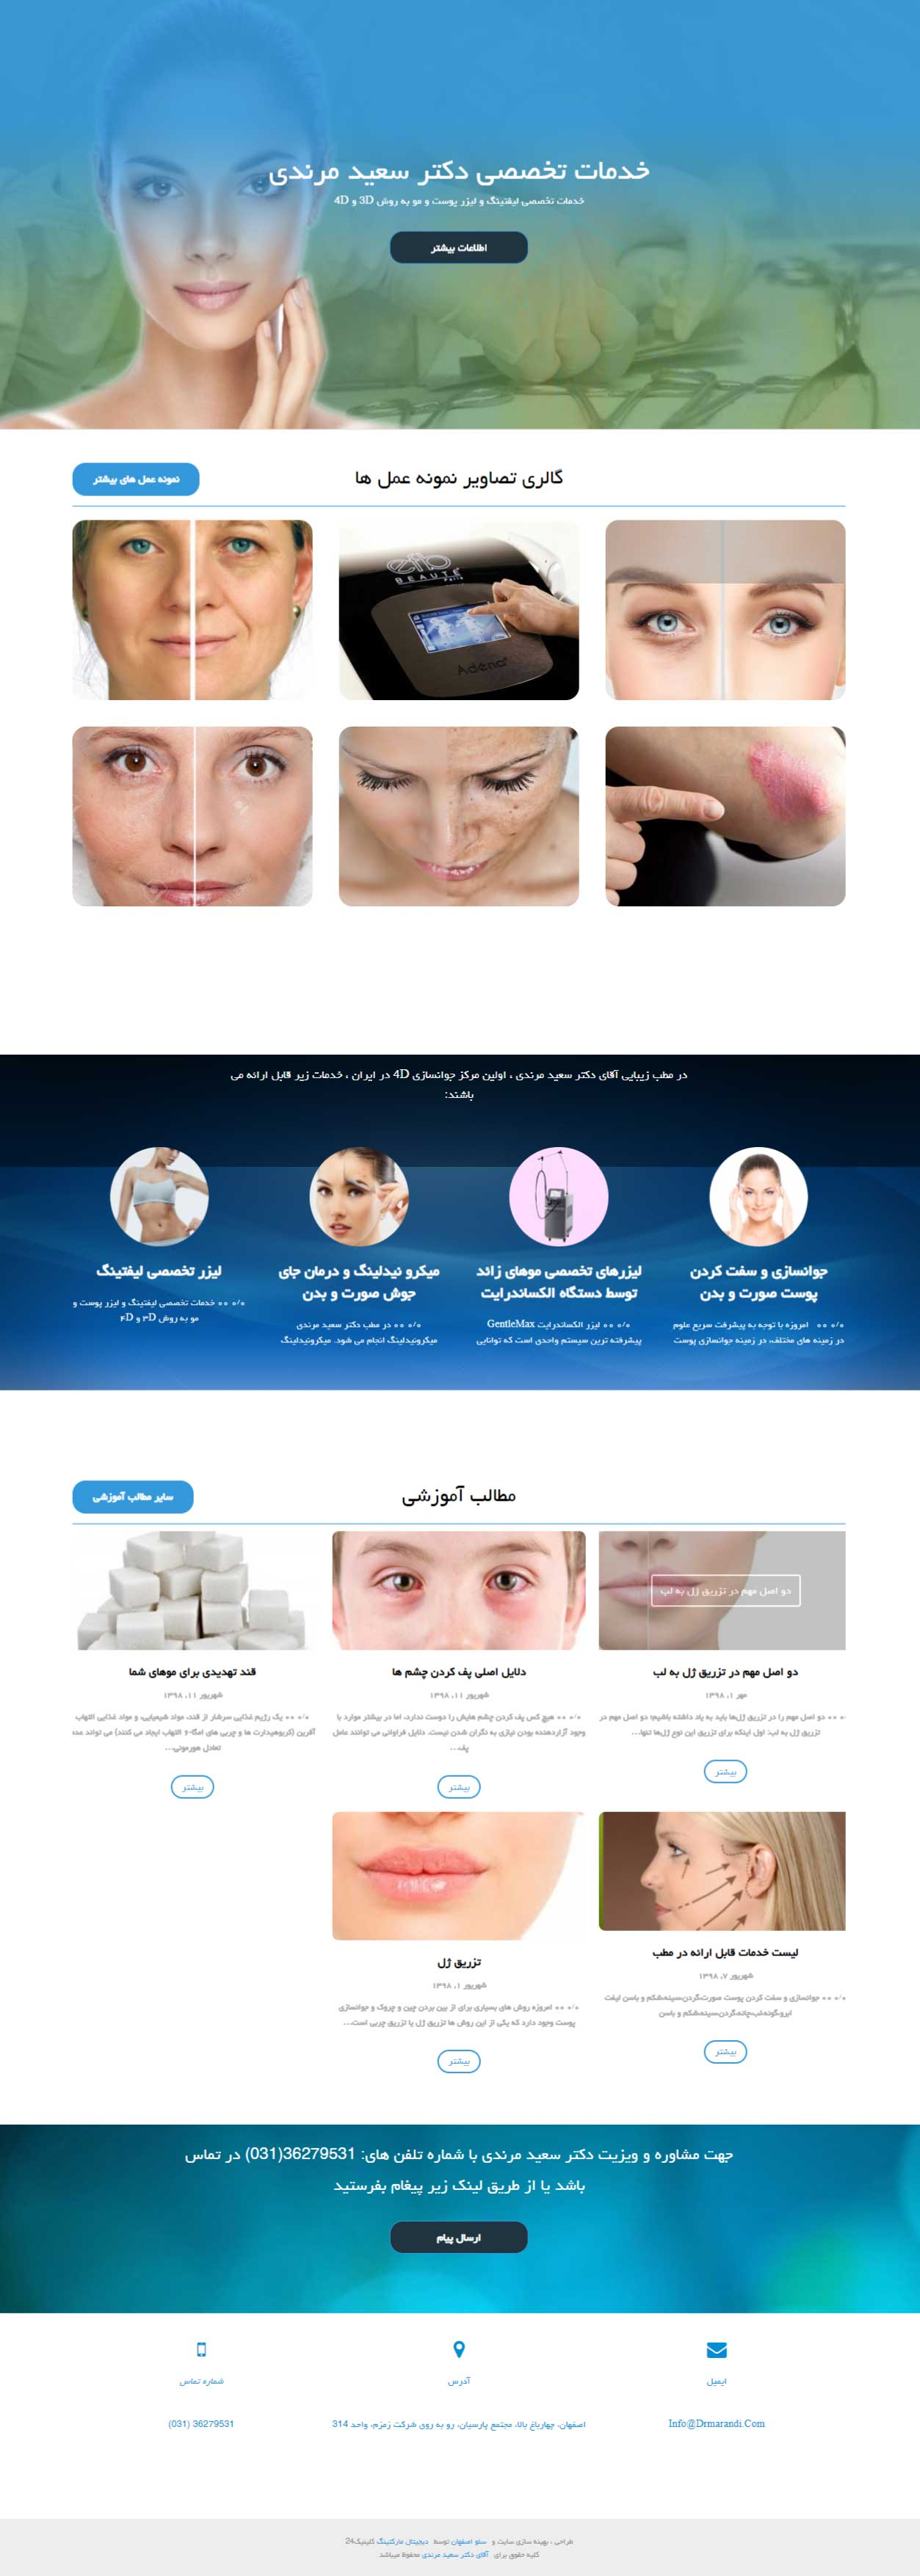 طراحی سایت پوست و مو